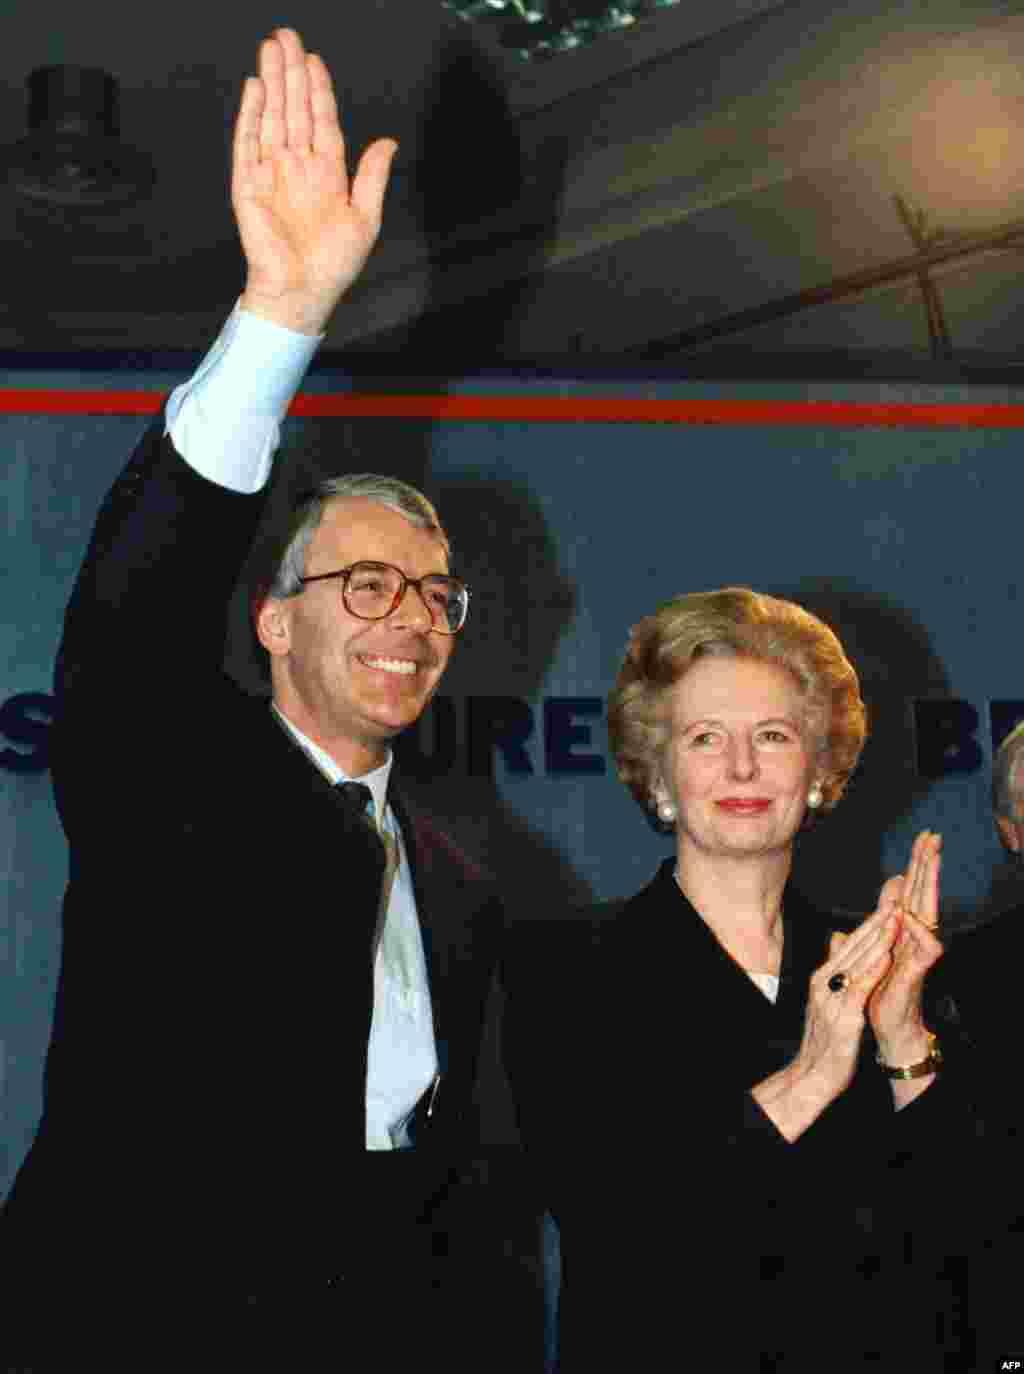 Маргарет Тэтчер мен Джон Мейджор. Лондон, 1992 жылдың наурызы.